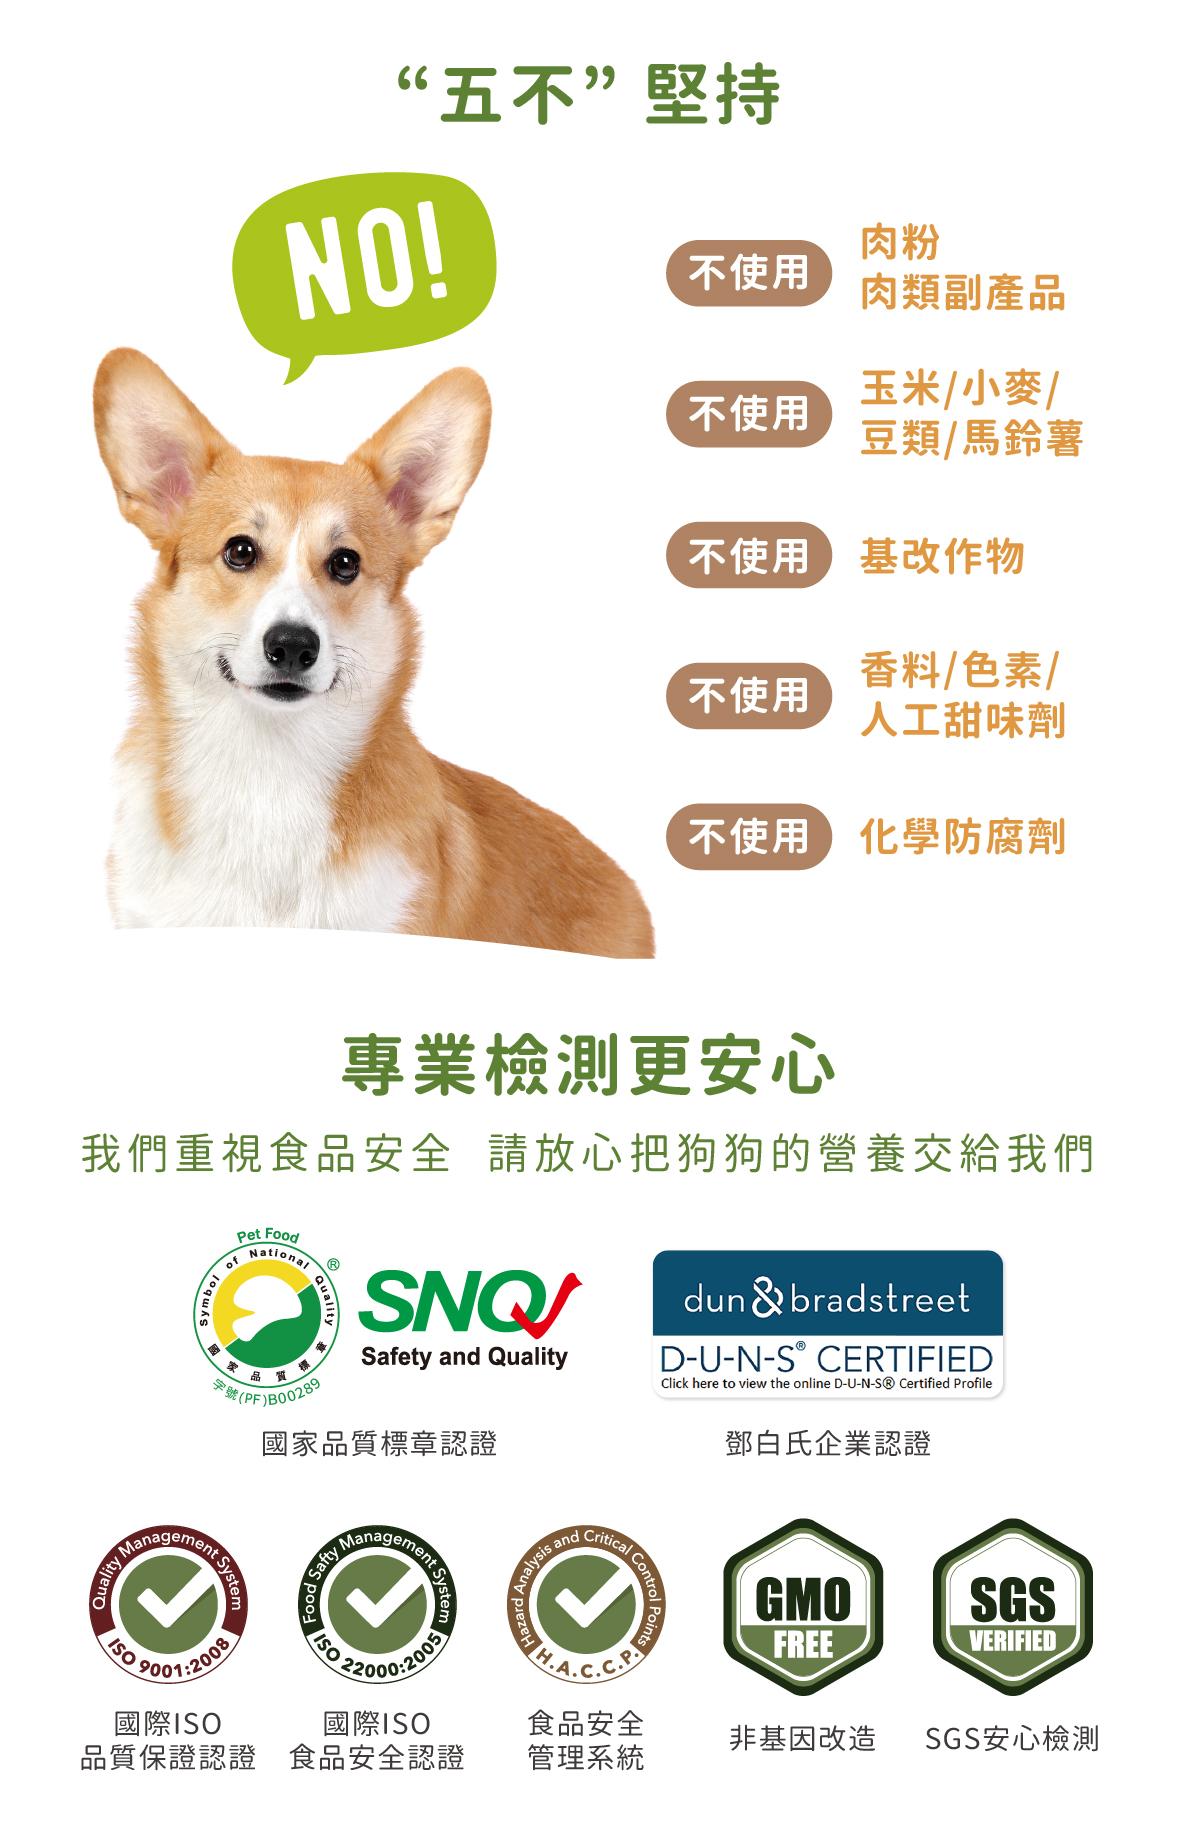 snq品质认证优质犬粮,请放心把狗狗的营养交给我们